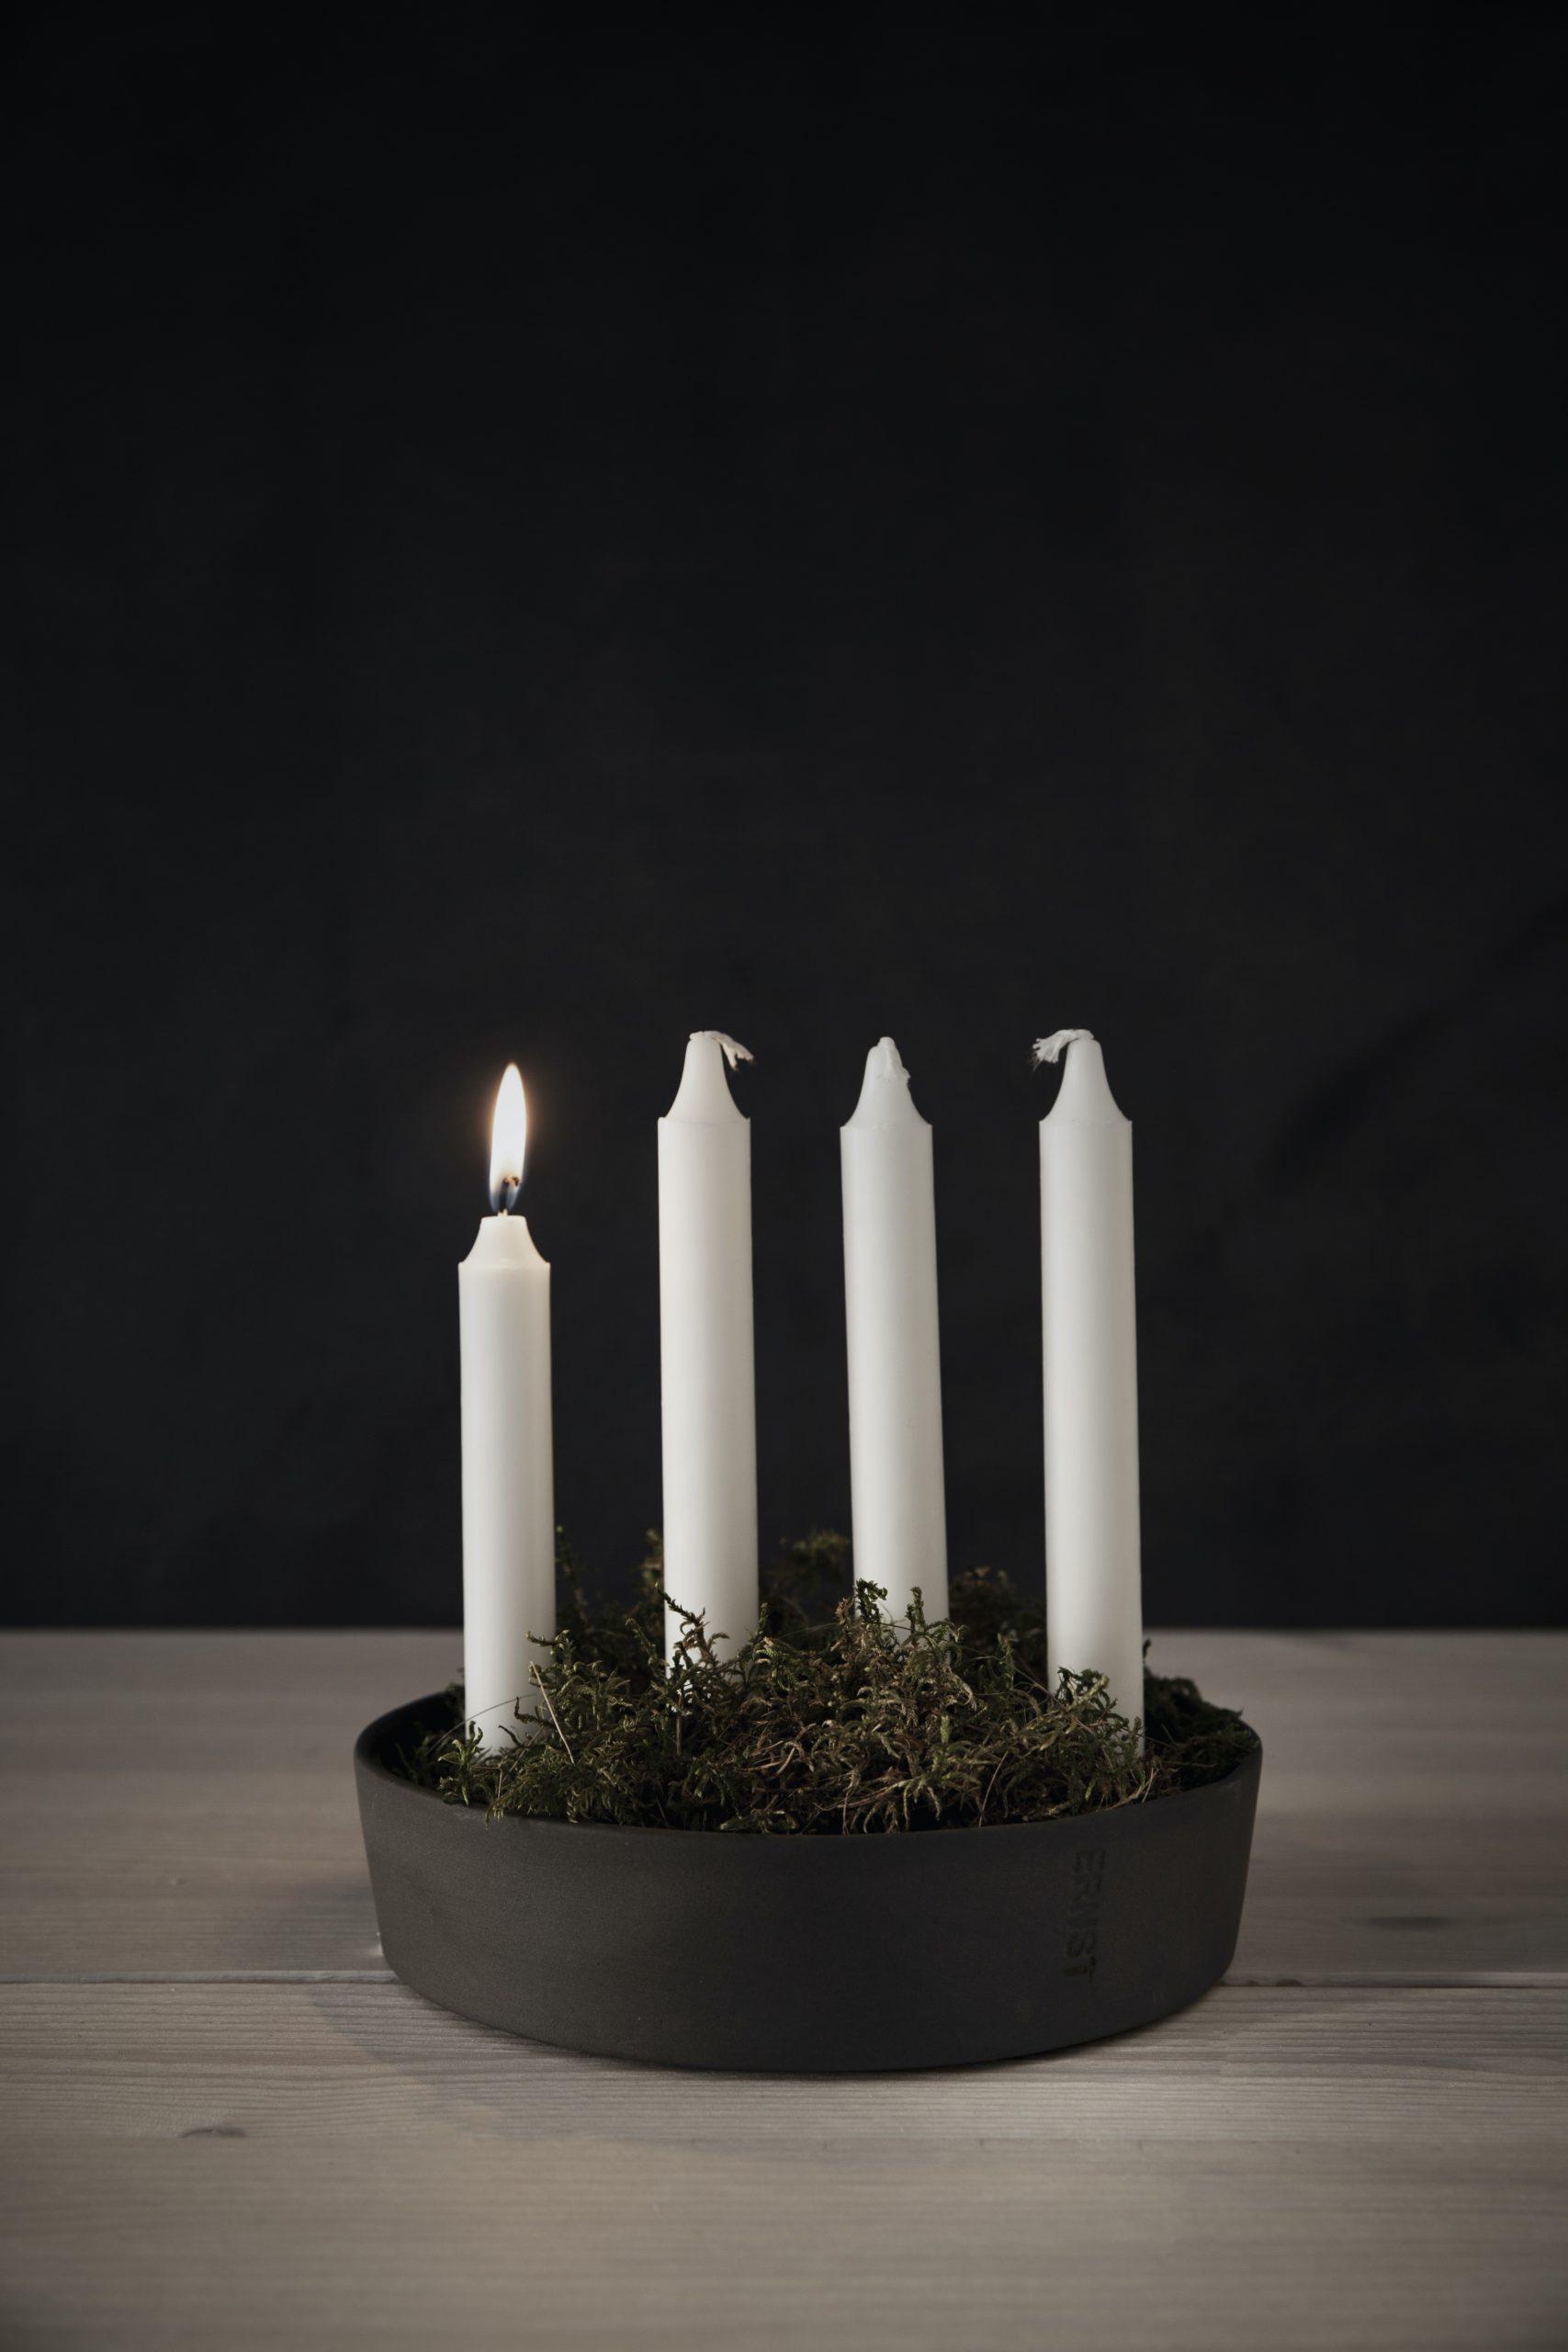 Adventskranz skandinavisch, Minimalistisch, Skandinavische Weihnachtsdeko, Dekoration, Weihnachten